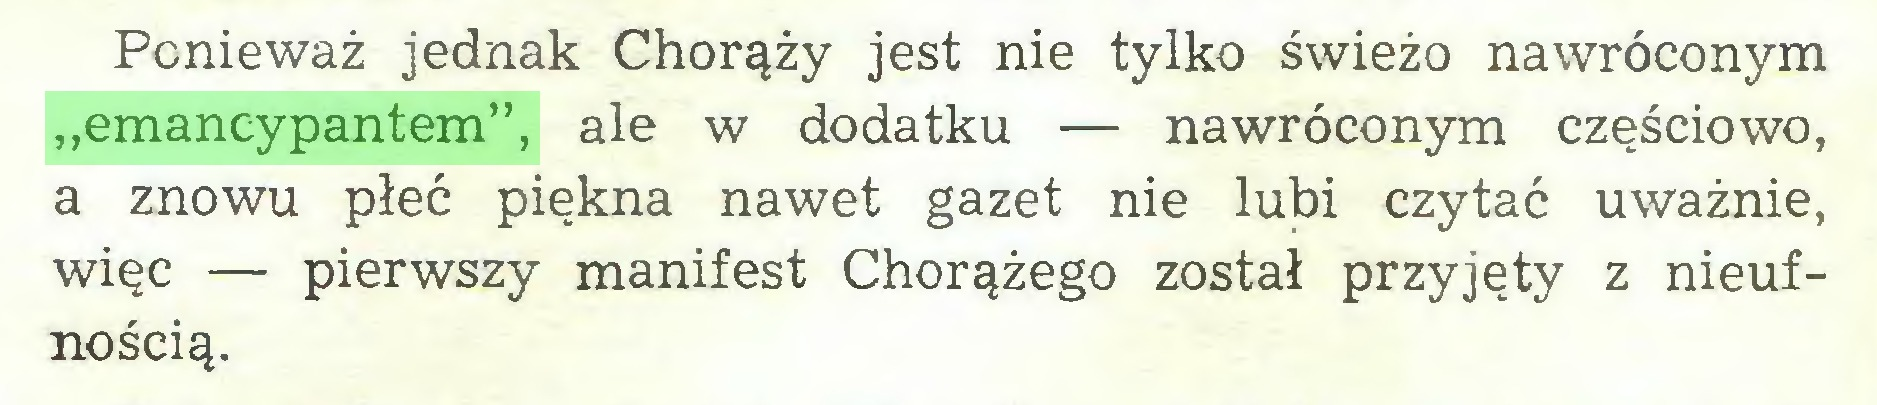 """(...) Ponieważ jednak Chorąży jest nie tylko świeżo nawróconym """"emancypantem"""", ale w dodatku — nawróconym częściowo, a znowu płeć piękna nawet gazet nie lubi czytać uważnie, więc — pierwszy manifest Chorążego został przyjęty z nieufnością..."""